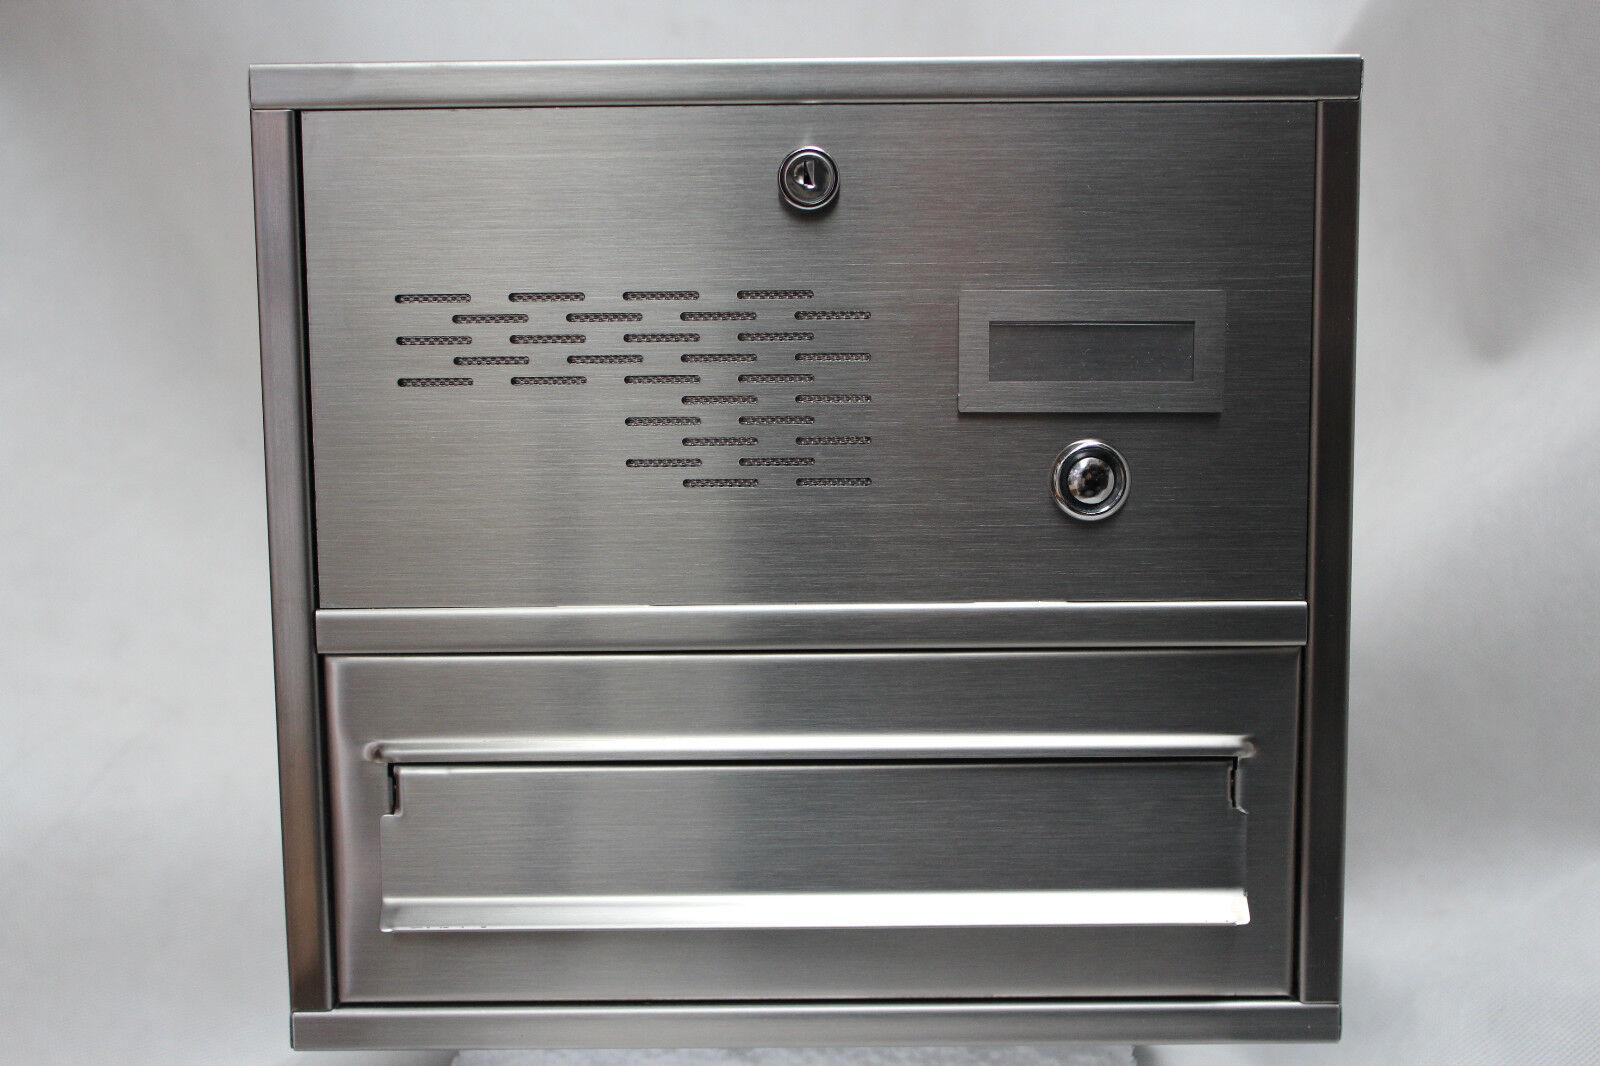 Briefkastenanlage  Mauerdurchwurf Briefkasten m. Klingel  Edelstahl